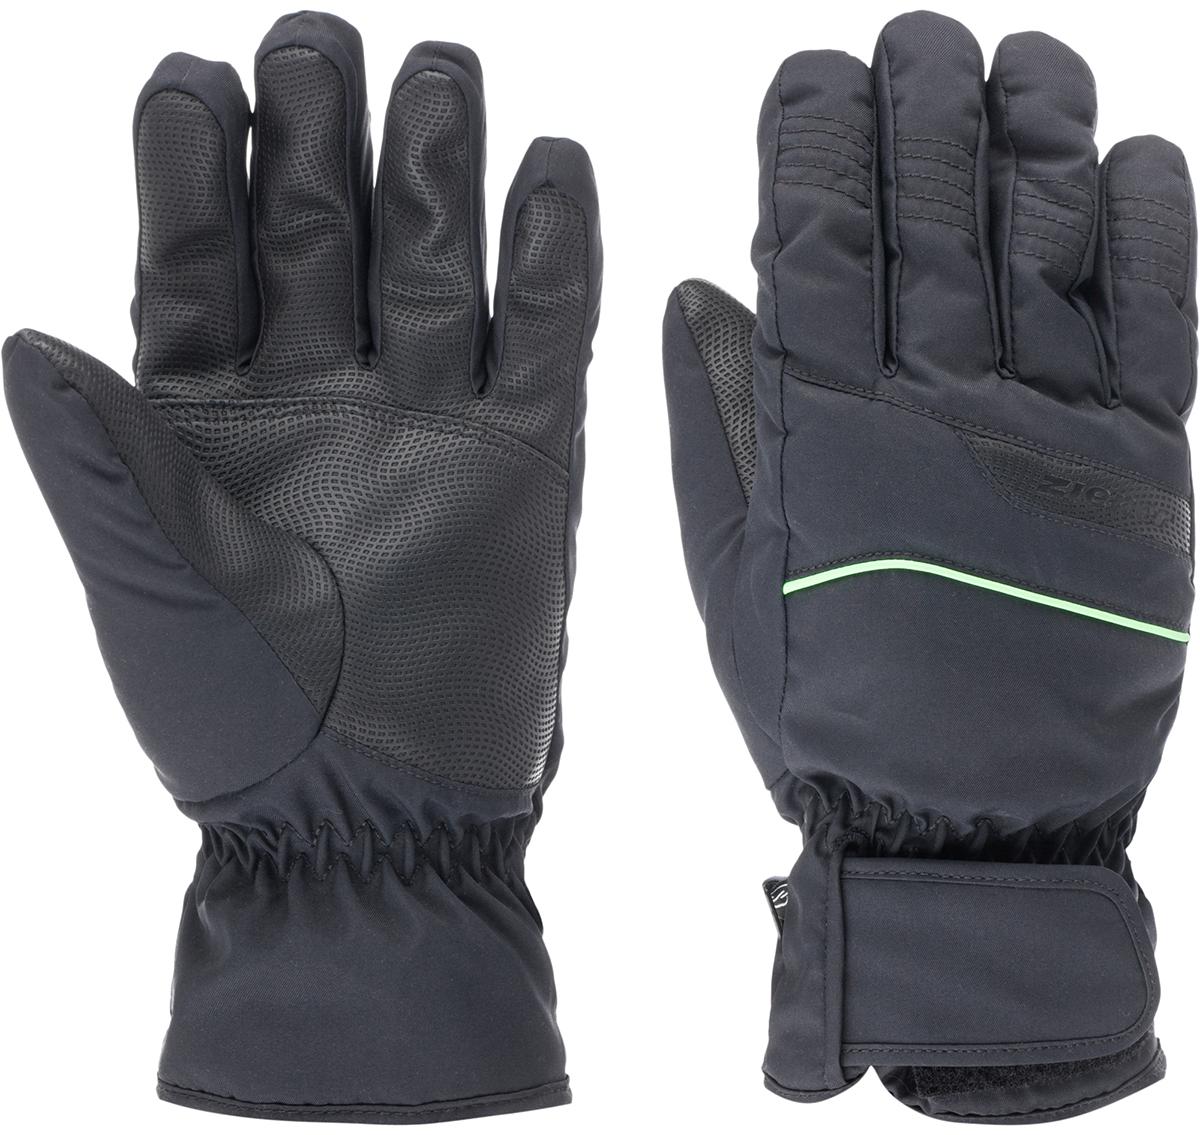 Перчатки мужские Ziener Galdar Sm Glove Ski Alpine, цвет: черный. 150047-12785. Размер 8150047-12785Горнолыжные перчатки классической формы. Стандартный спортивный крой, эргономичная манжета, средней толщины утеплитель, в совокупности, обеспечивают комфортные условия в использования изделия. Специальная застежка на манжете позволяет плотно фиксировать перчатку. Технология обеспечивает максимальный комфорт и свободу движения.